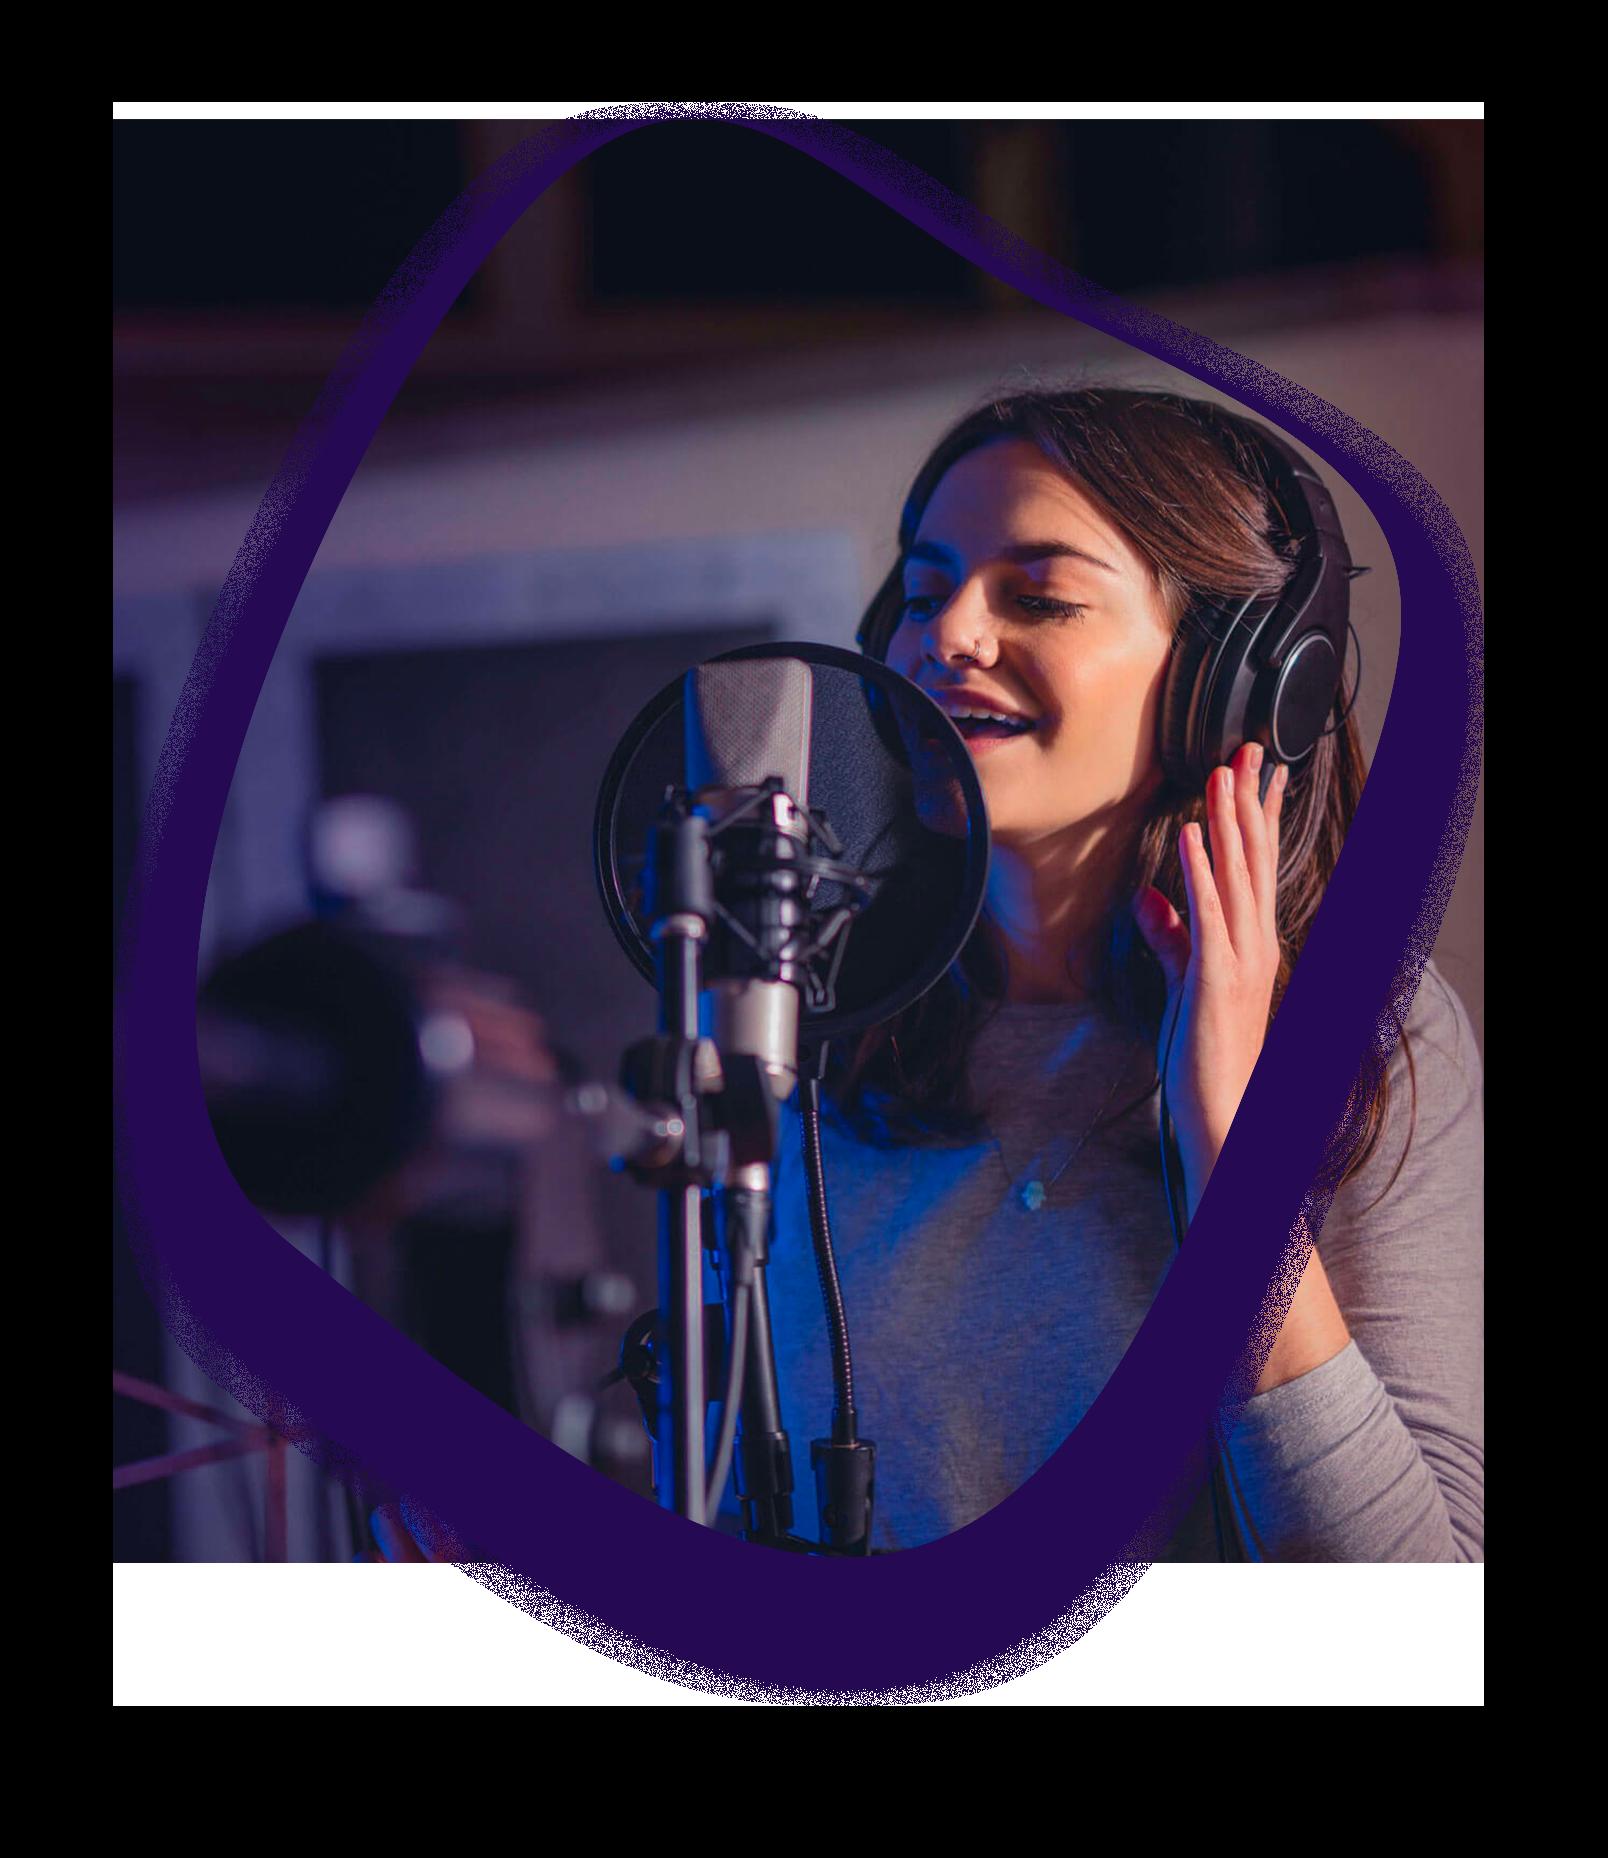 ici se trouve une photo d'une jeune entrain de chanter dans un studio d'enregistrement